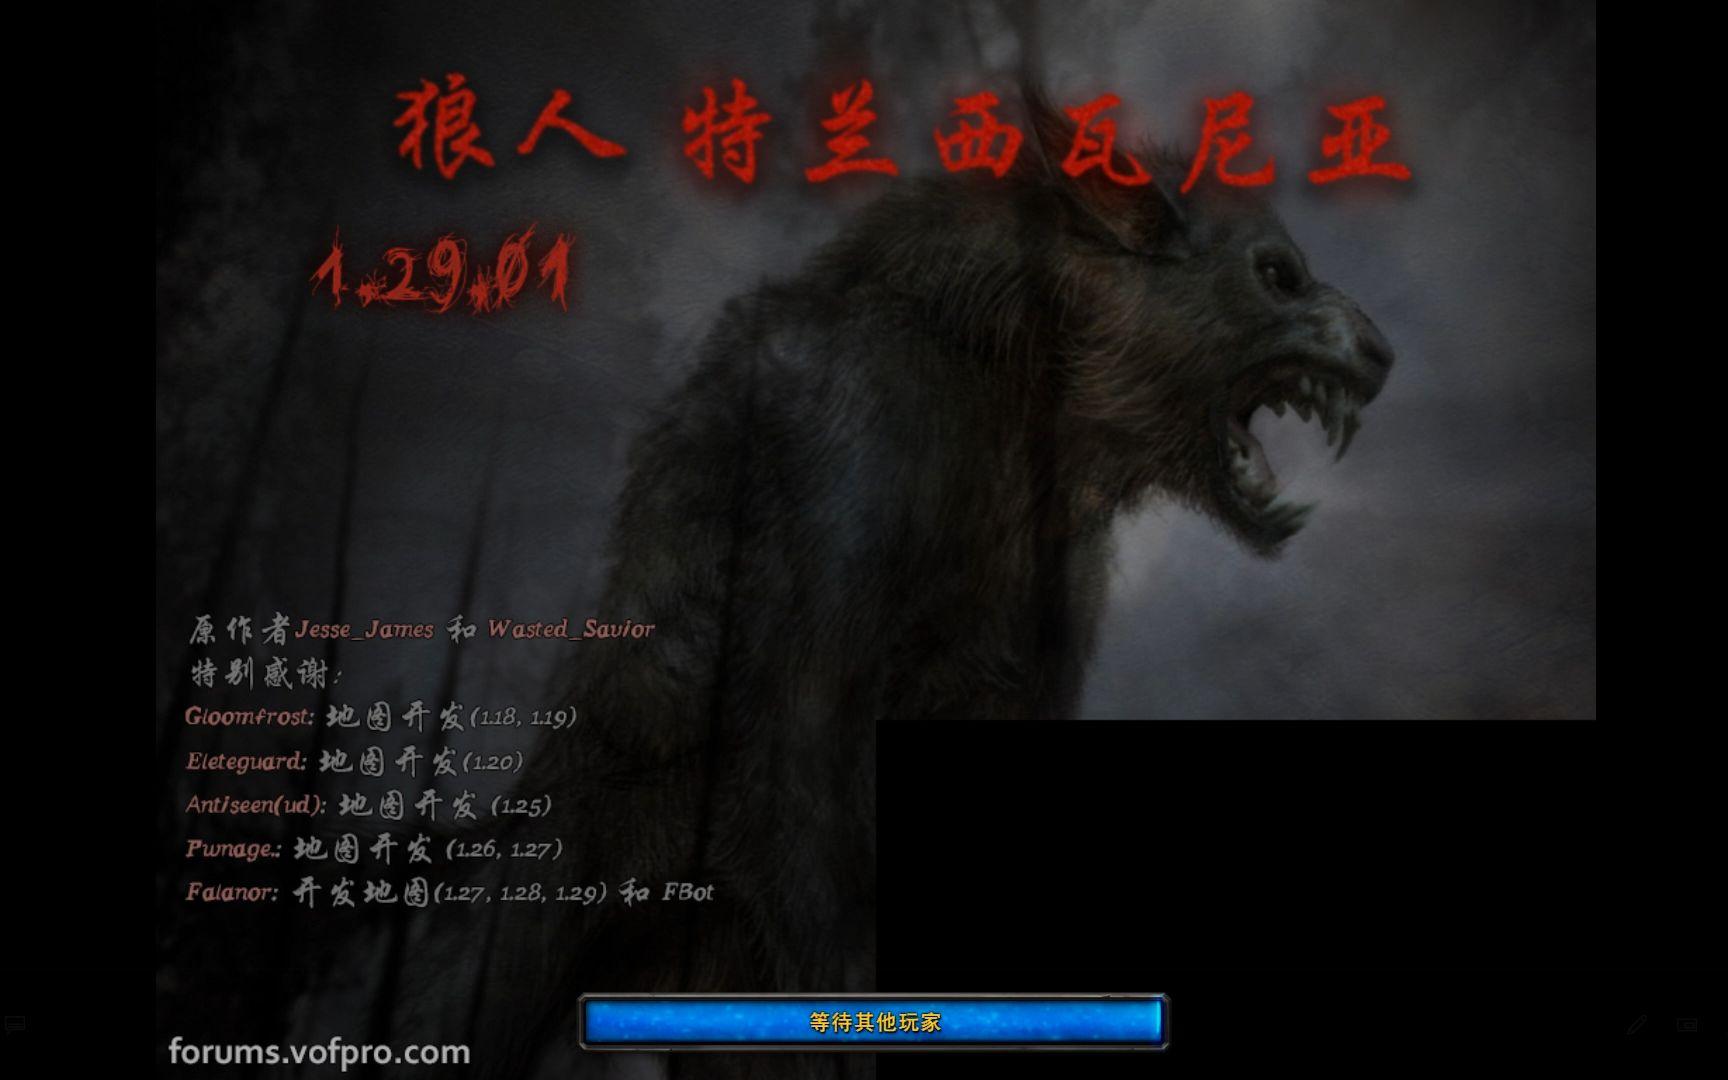 魔兽rpg 狼人werewolf 打猎+养殖的折衷打法